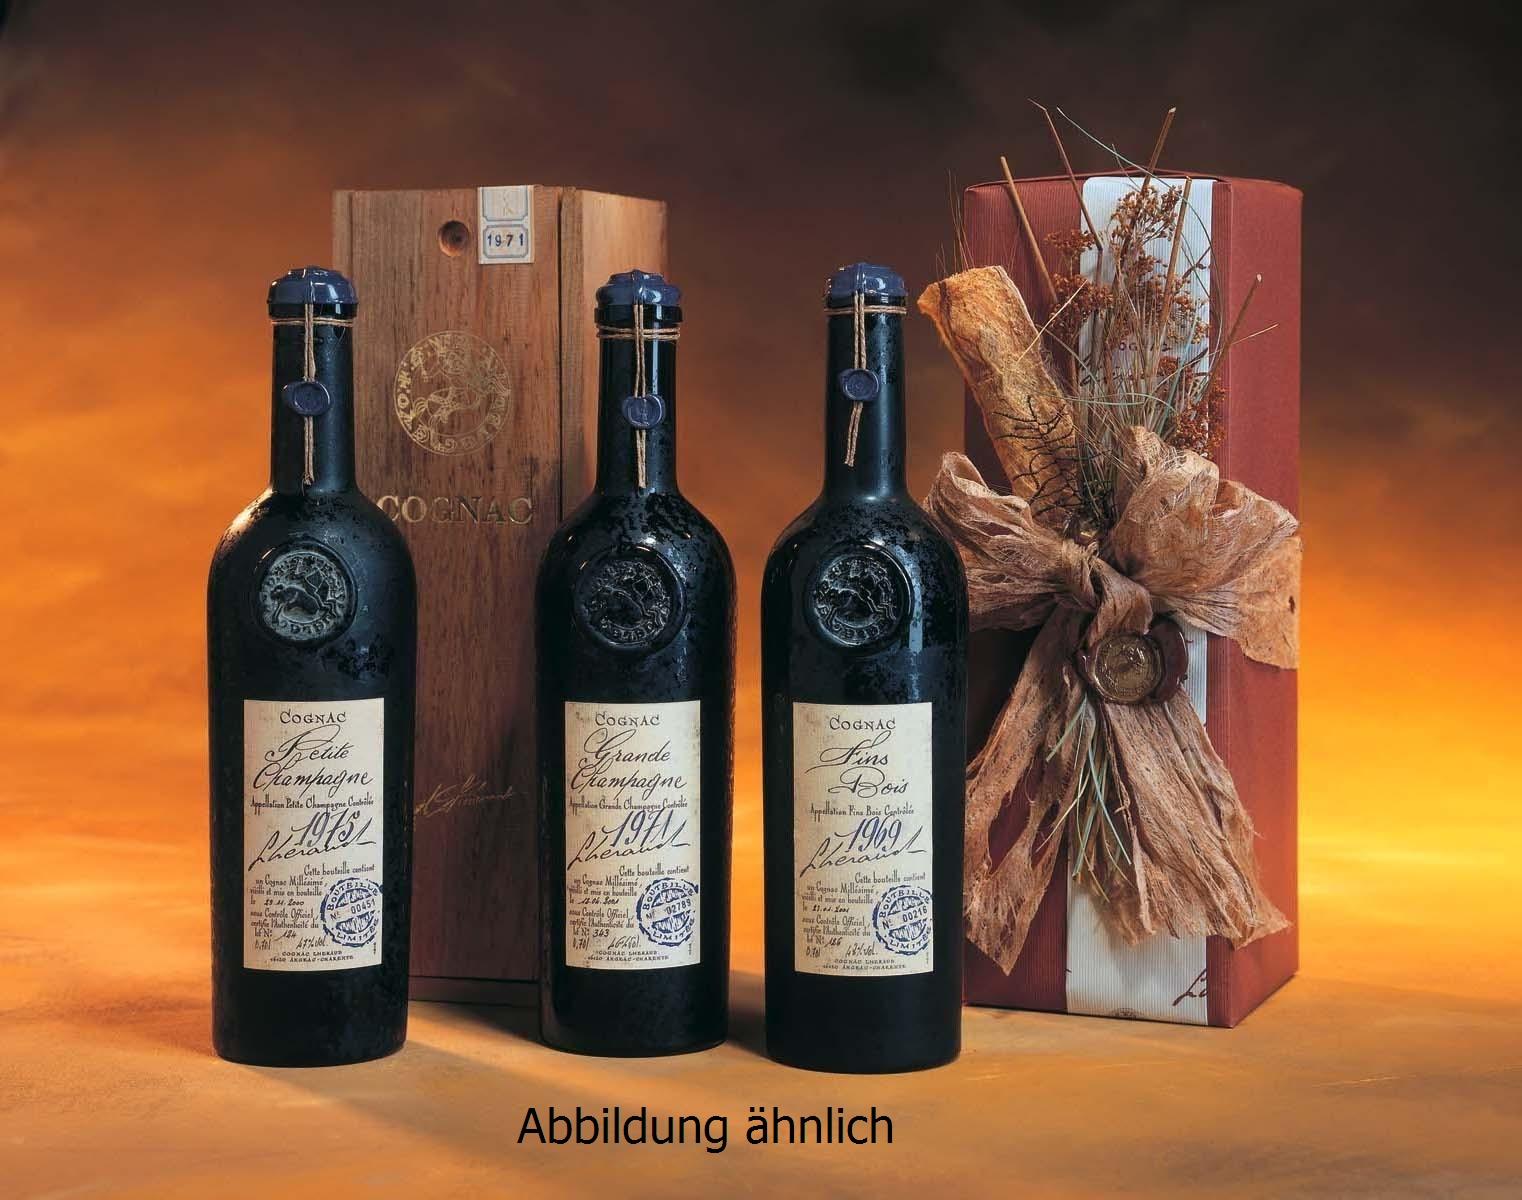 Cognac 1966 Lheraud